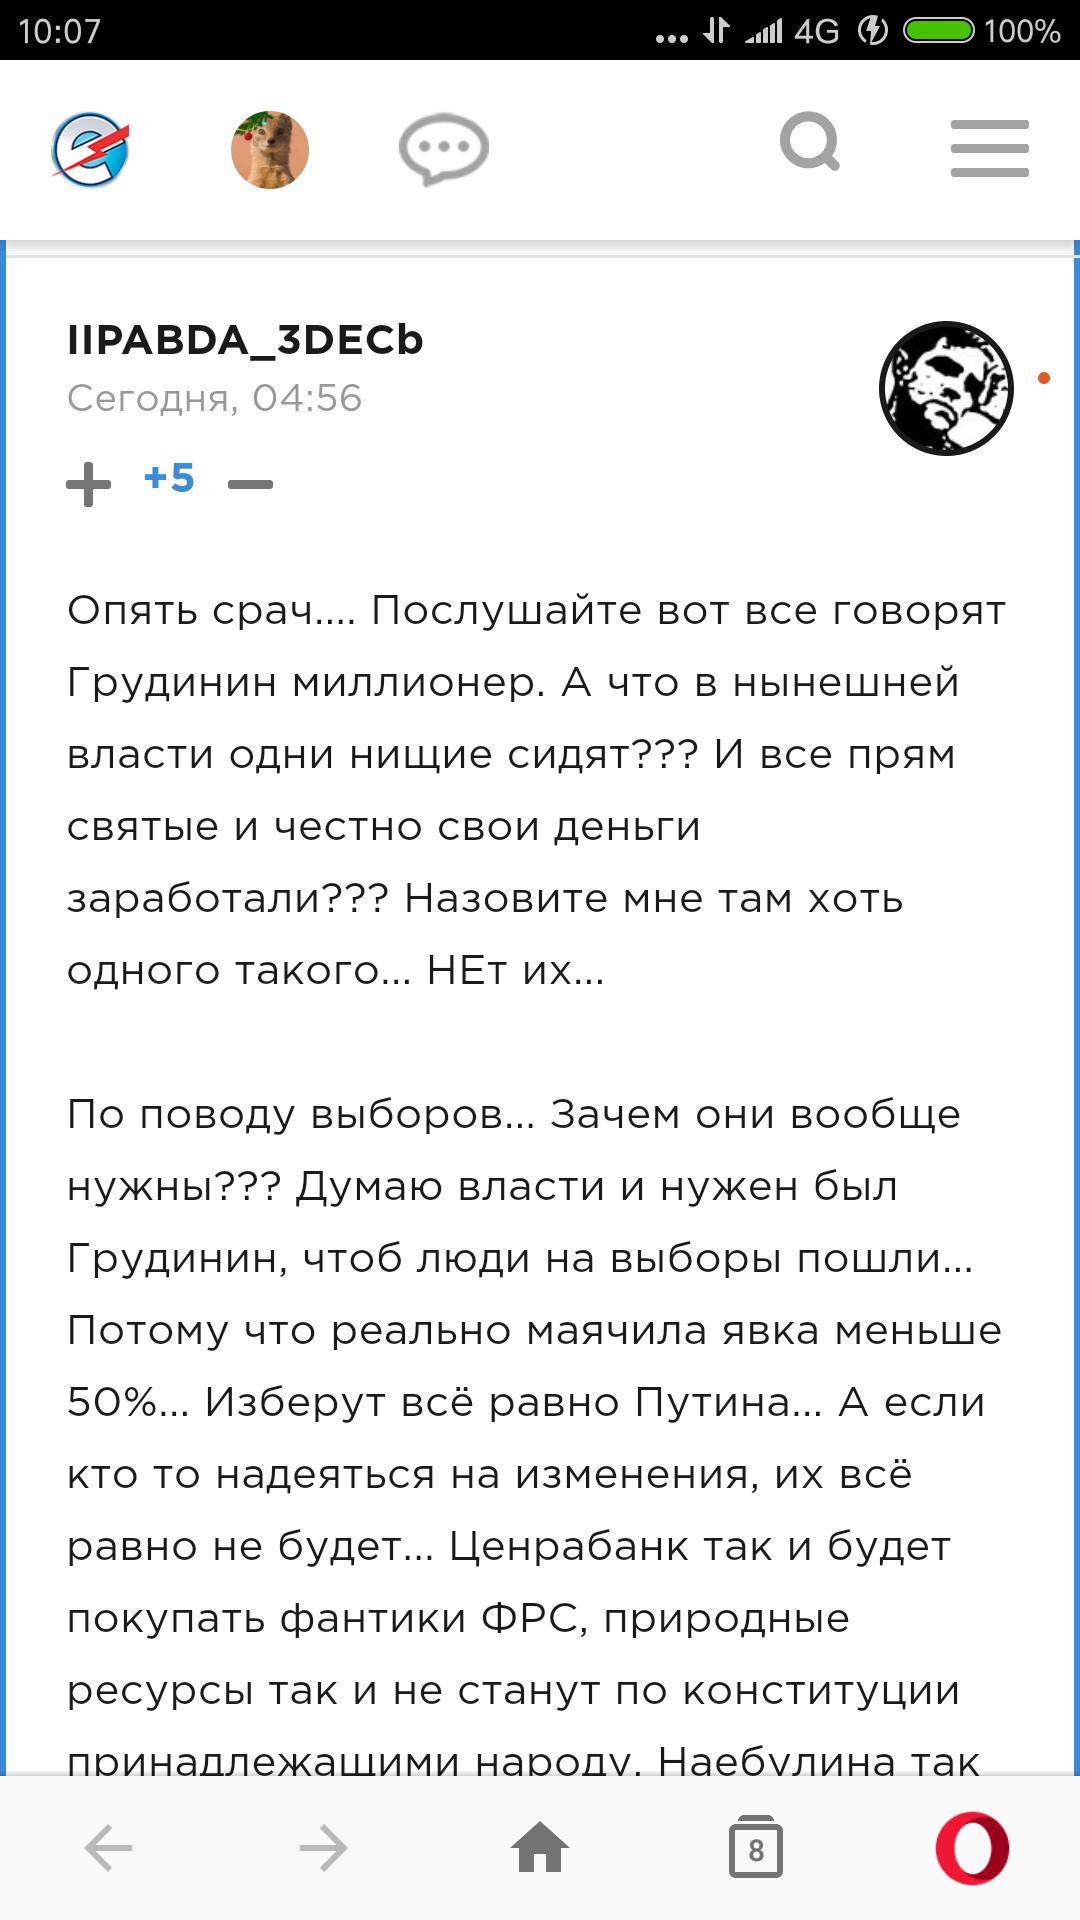 Правда_Здесь